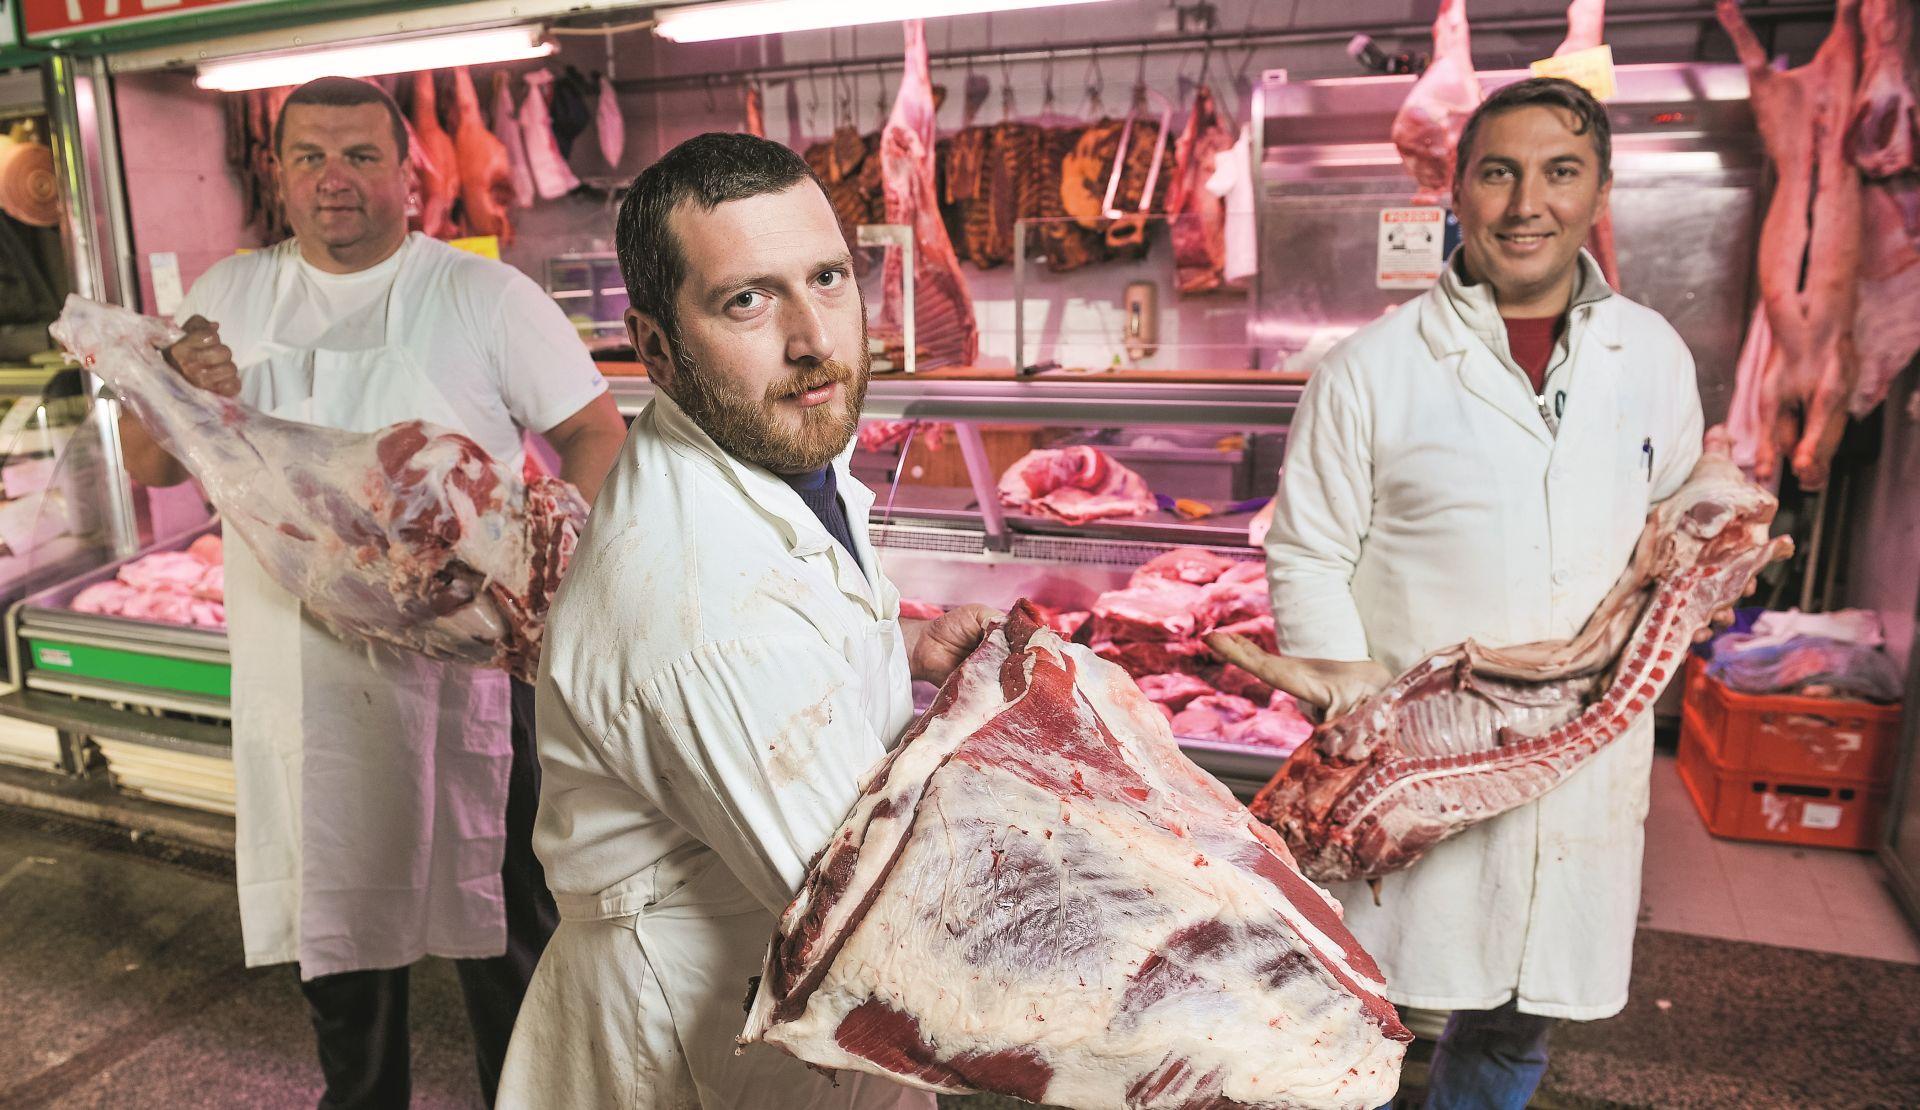 DOSSIER 'Europske direktive neće nam popraviti kvalitetu hrane'